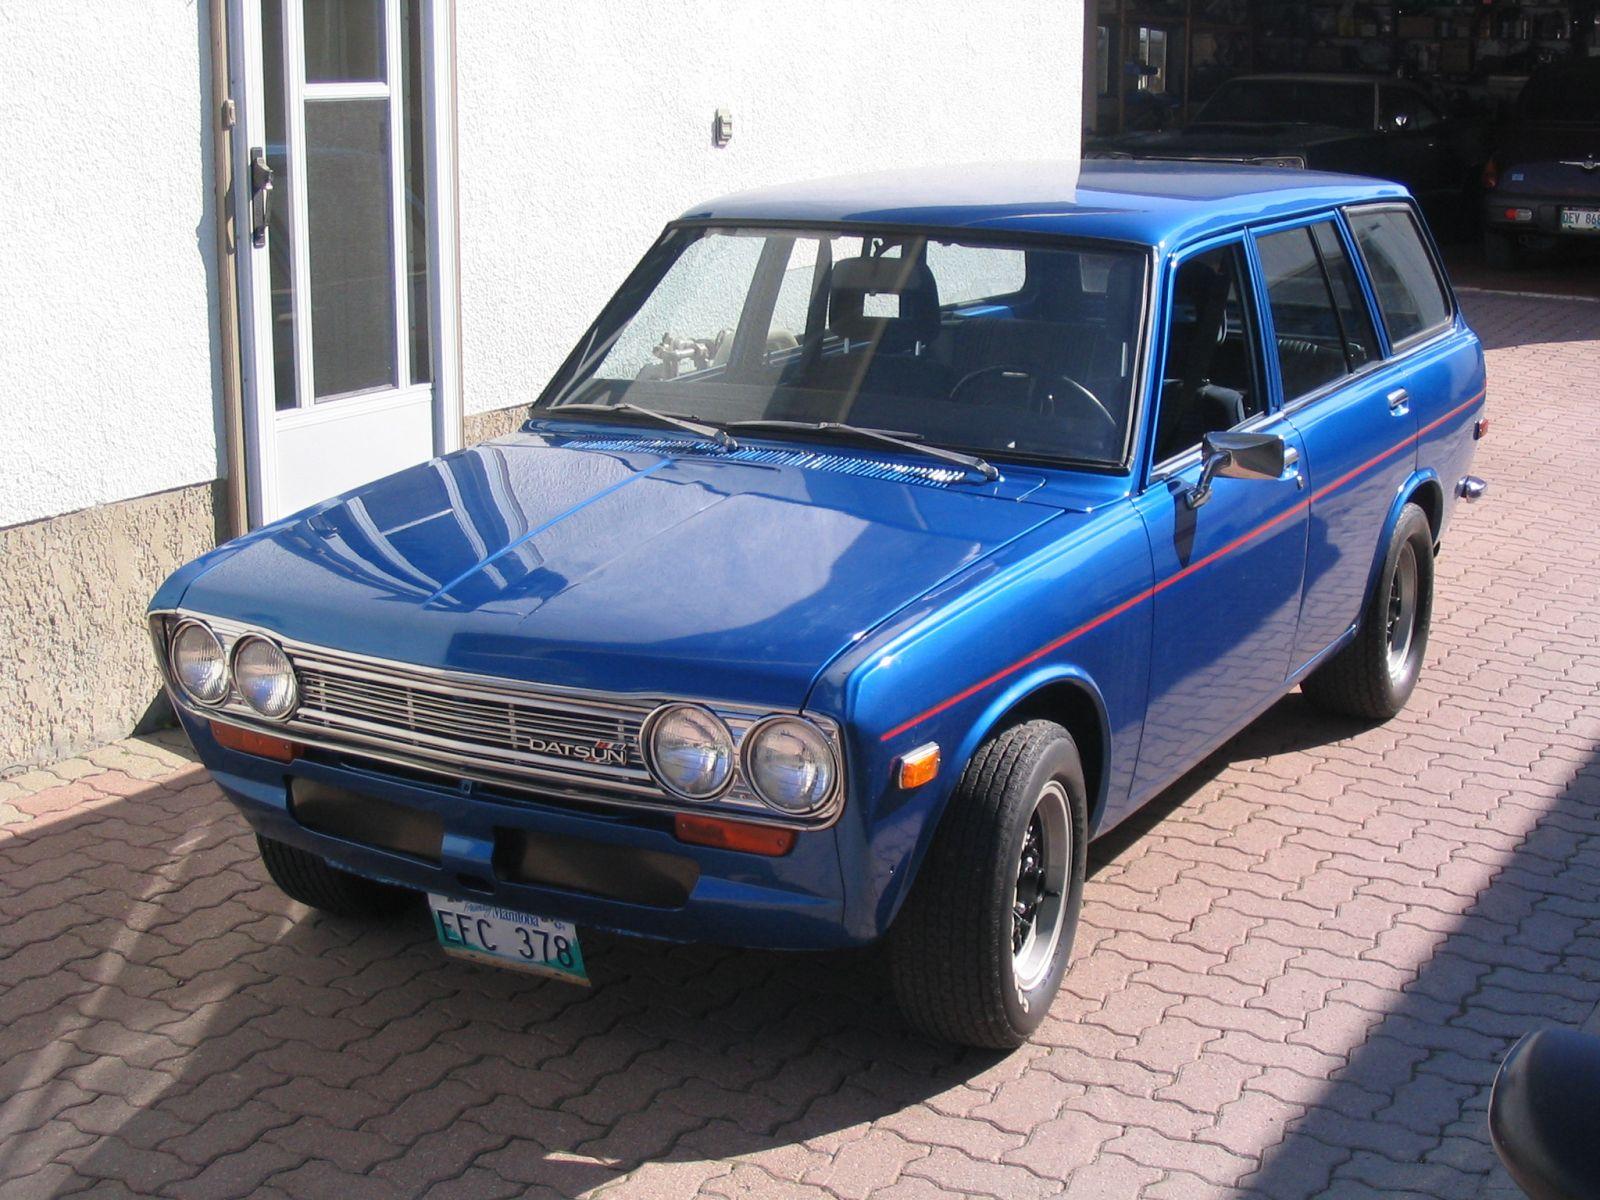 Datsun_wagon_001